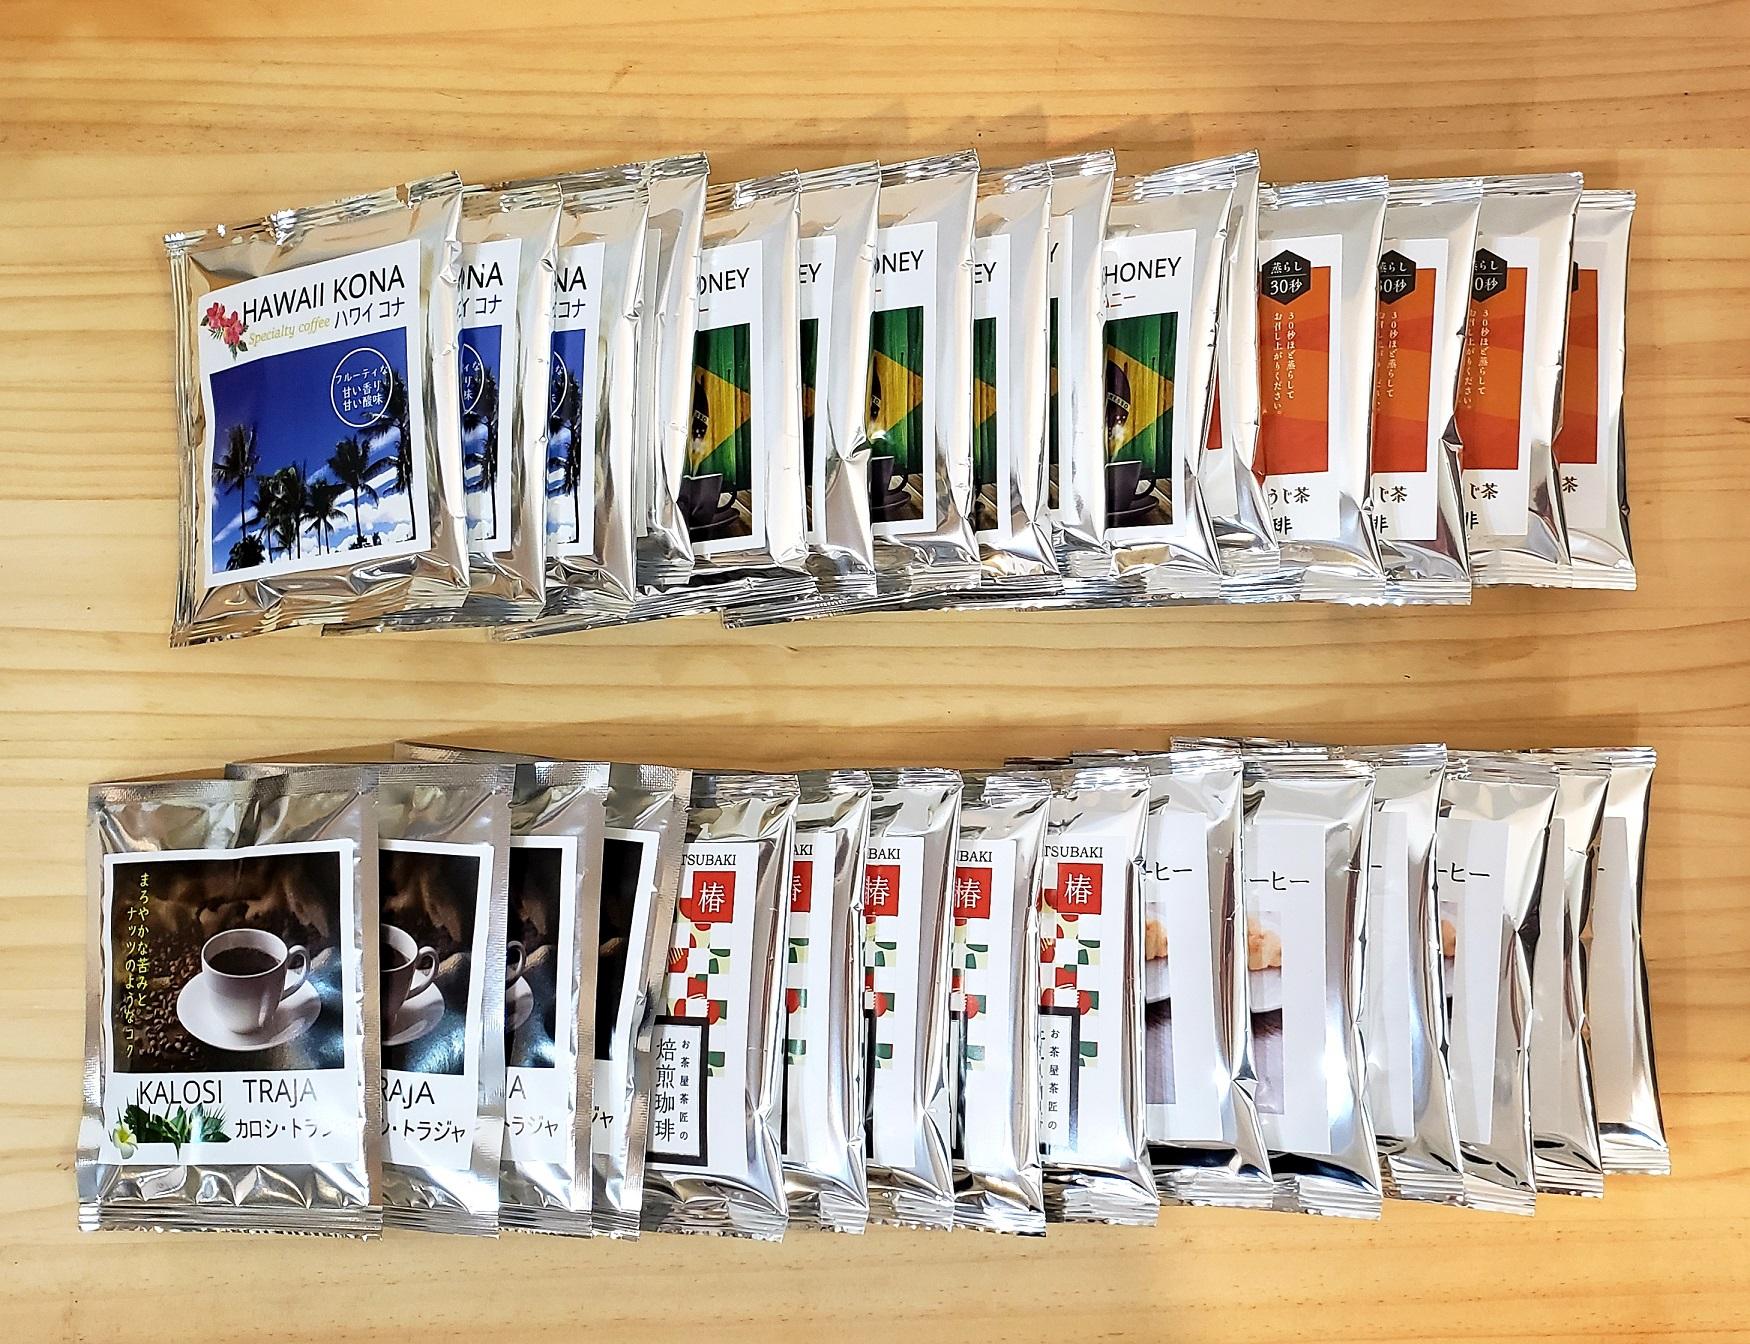 〔夏の福袋〕<br>珈琲ドリップパックたっぷり福袋 (30P) <br>5,000円相当の珈琲が入って2,700円